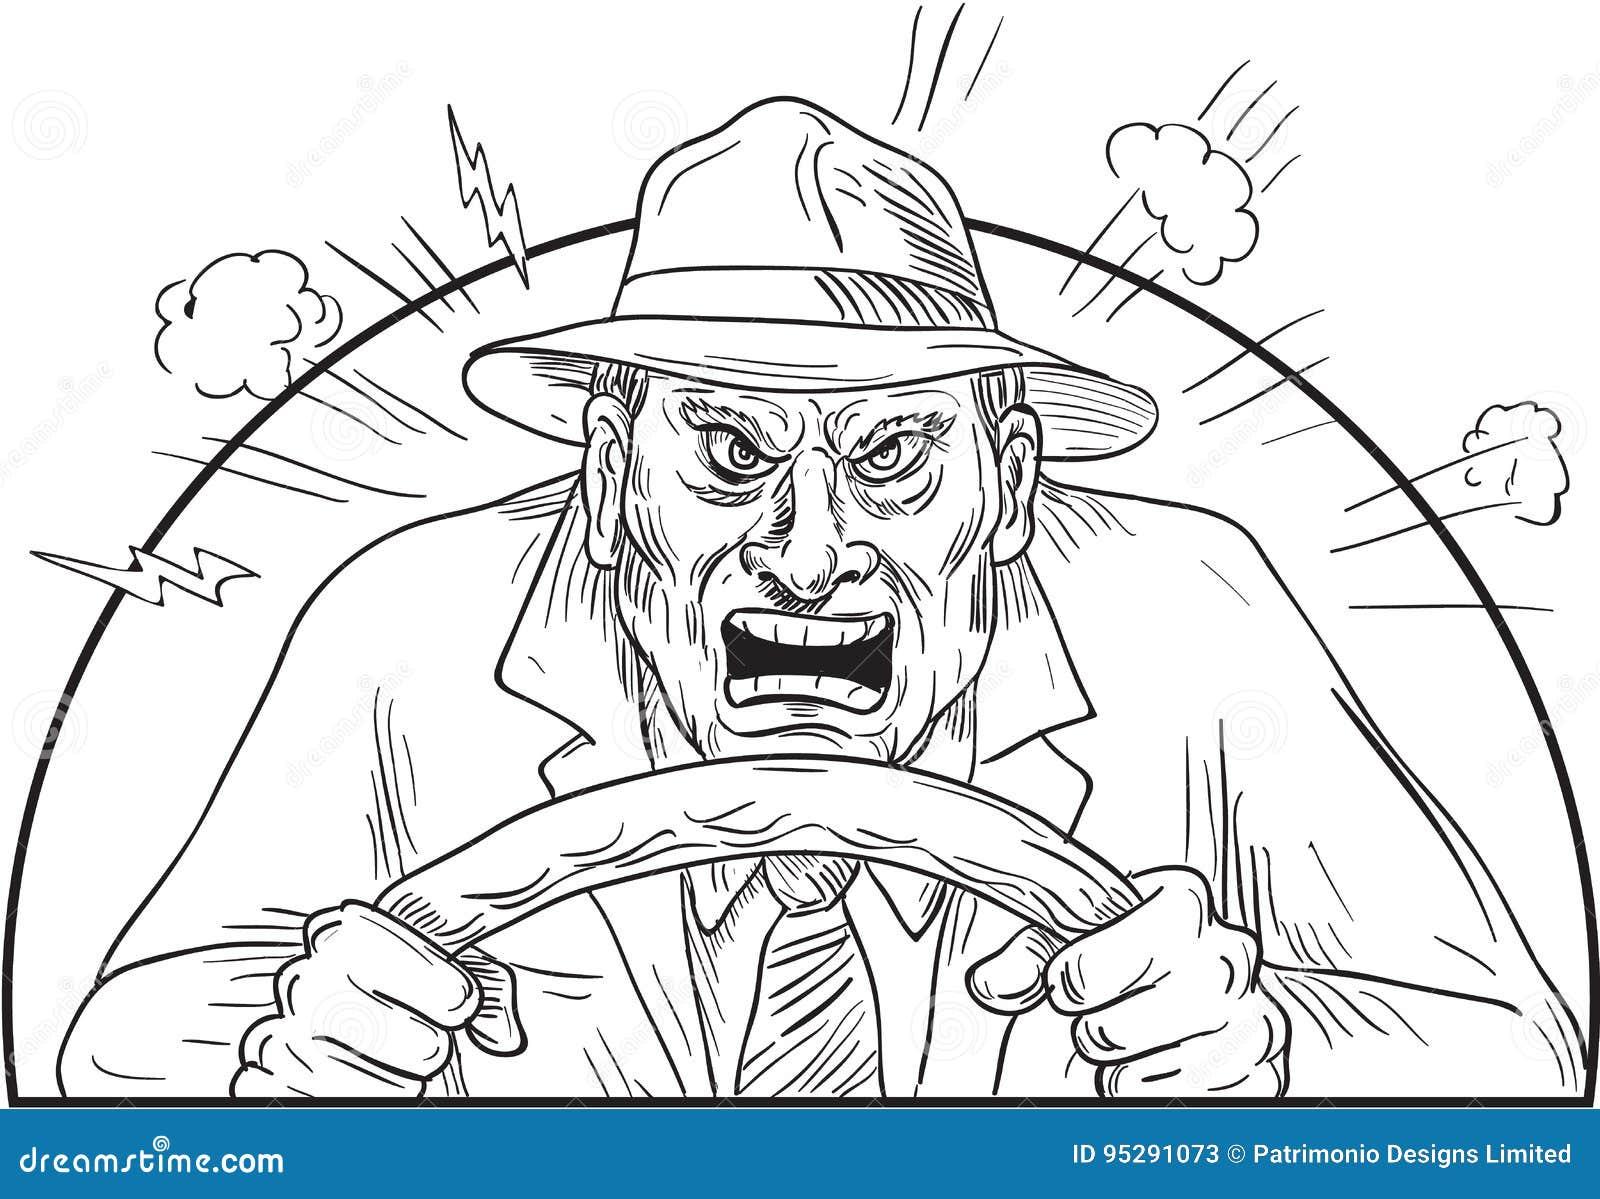 0 οδηγός στην τρελλή οδική οργή